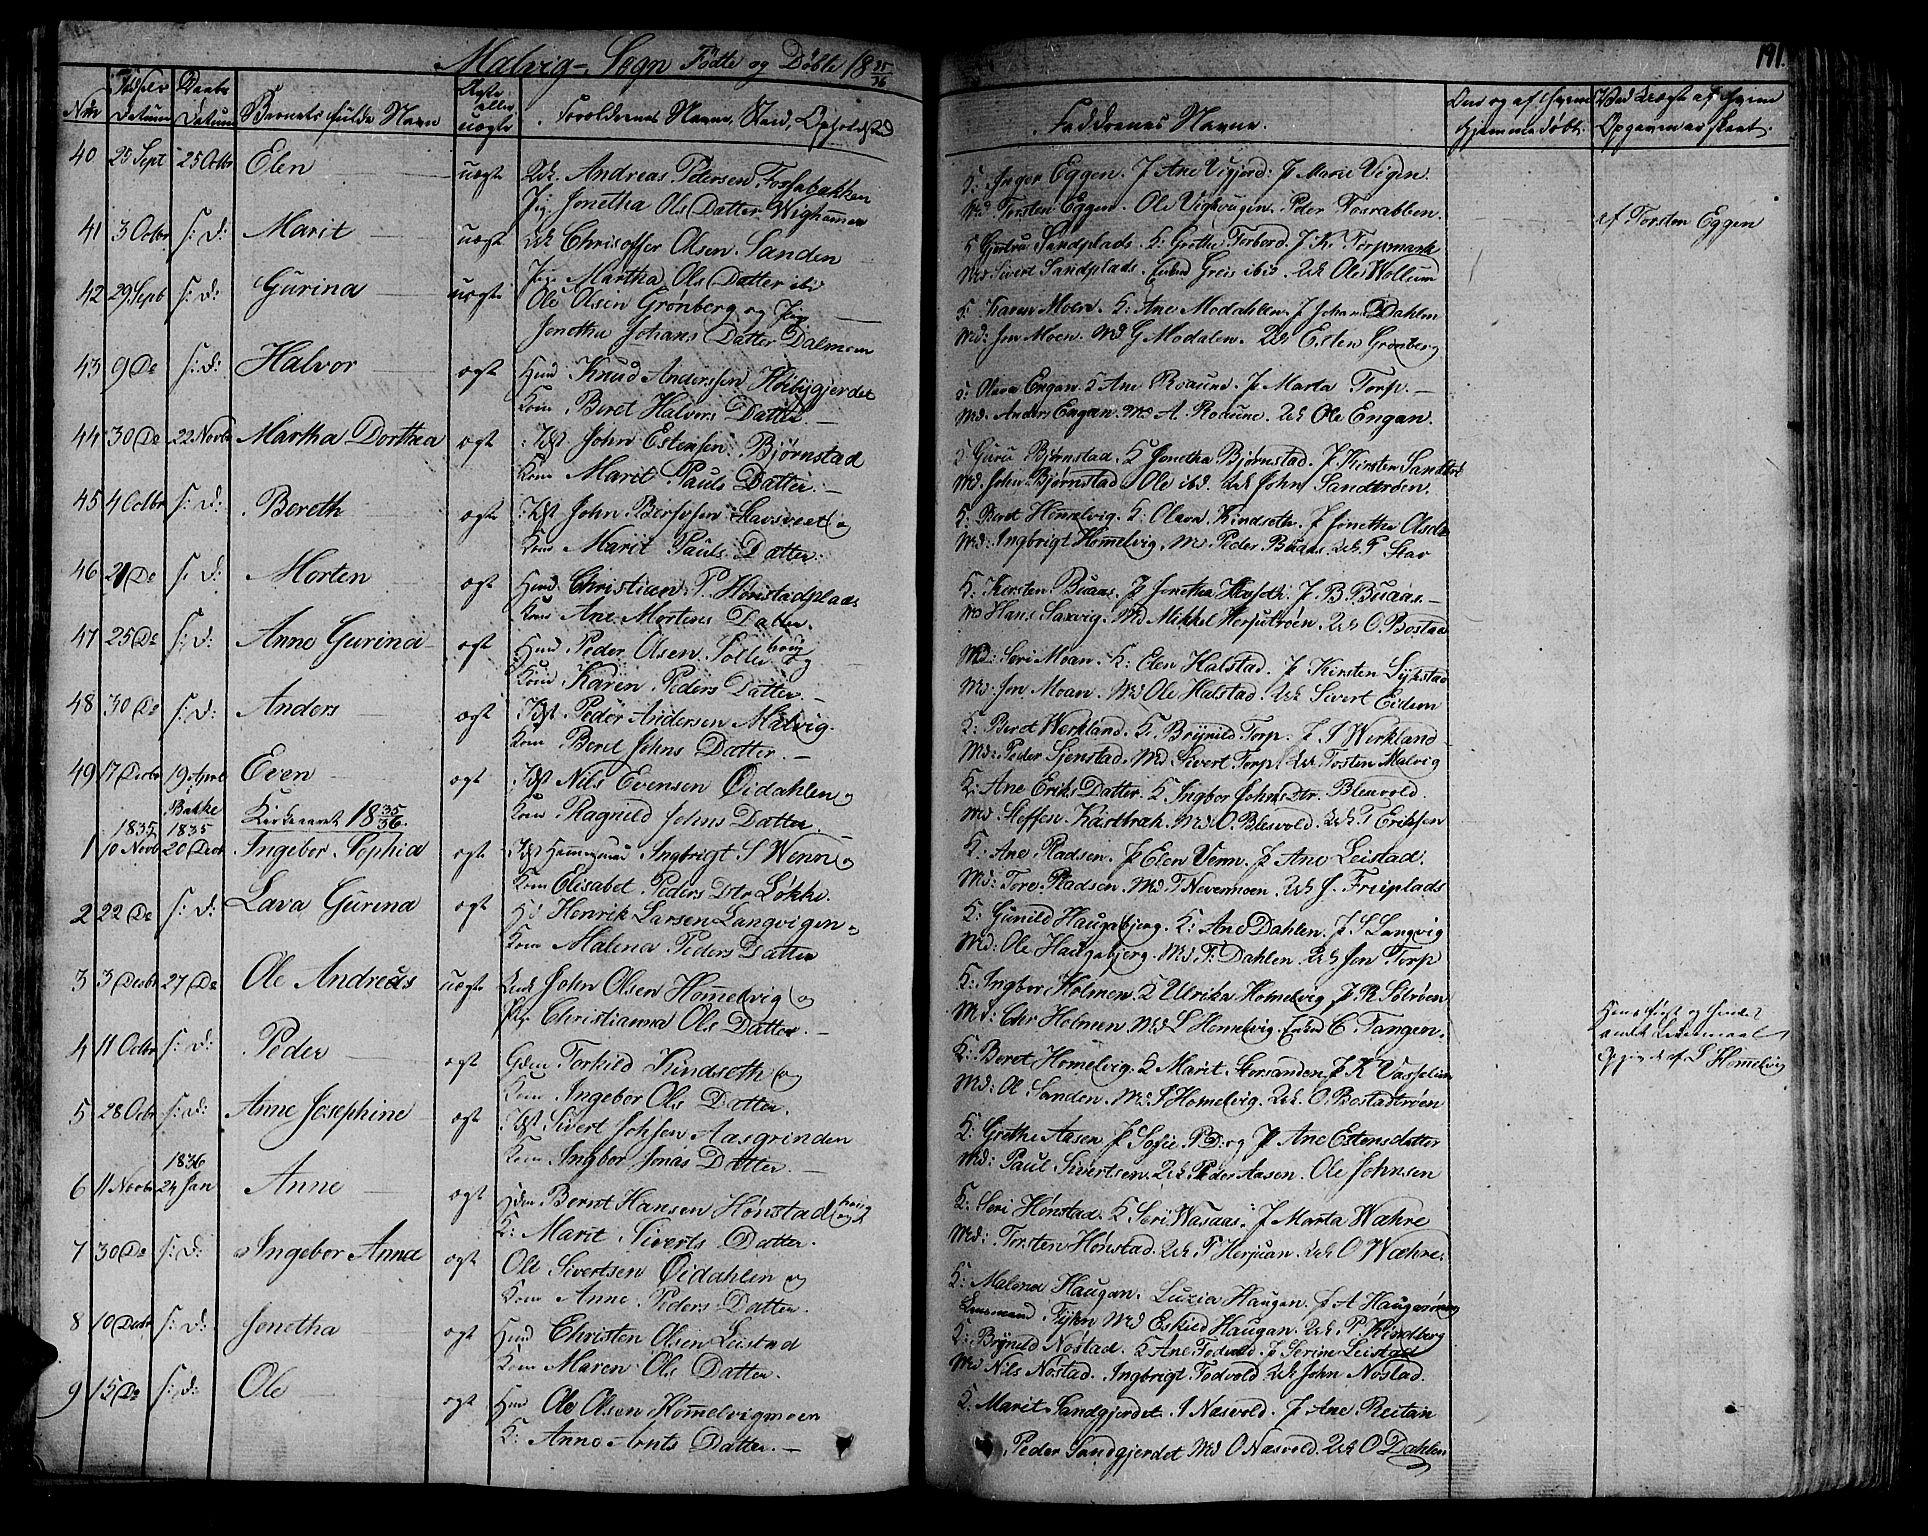 SAT, Ministerialprotokoller, klokkerbøker og fødselsregistre - Sør-Trøndelag, 606/L0288: Ministerialbok nr. 606A04 /3, 1826-1840, s. 191